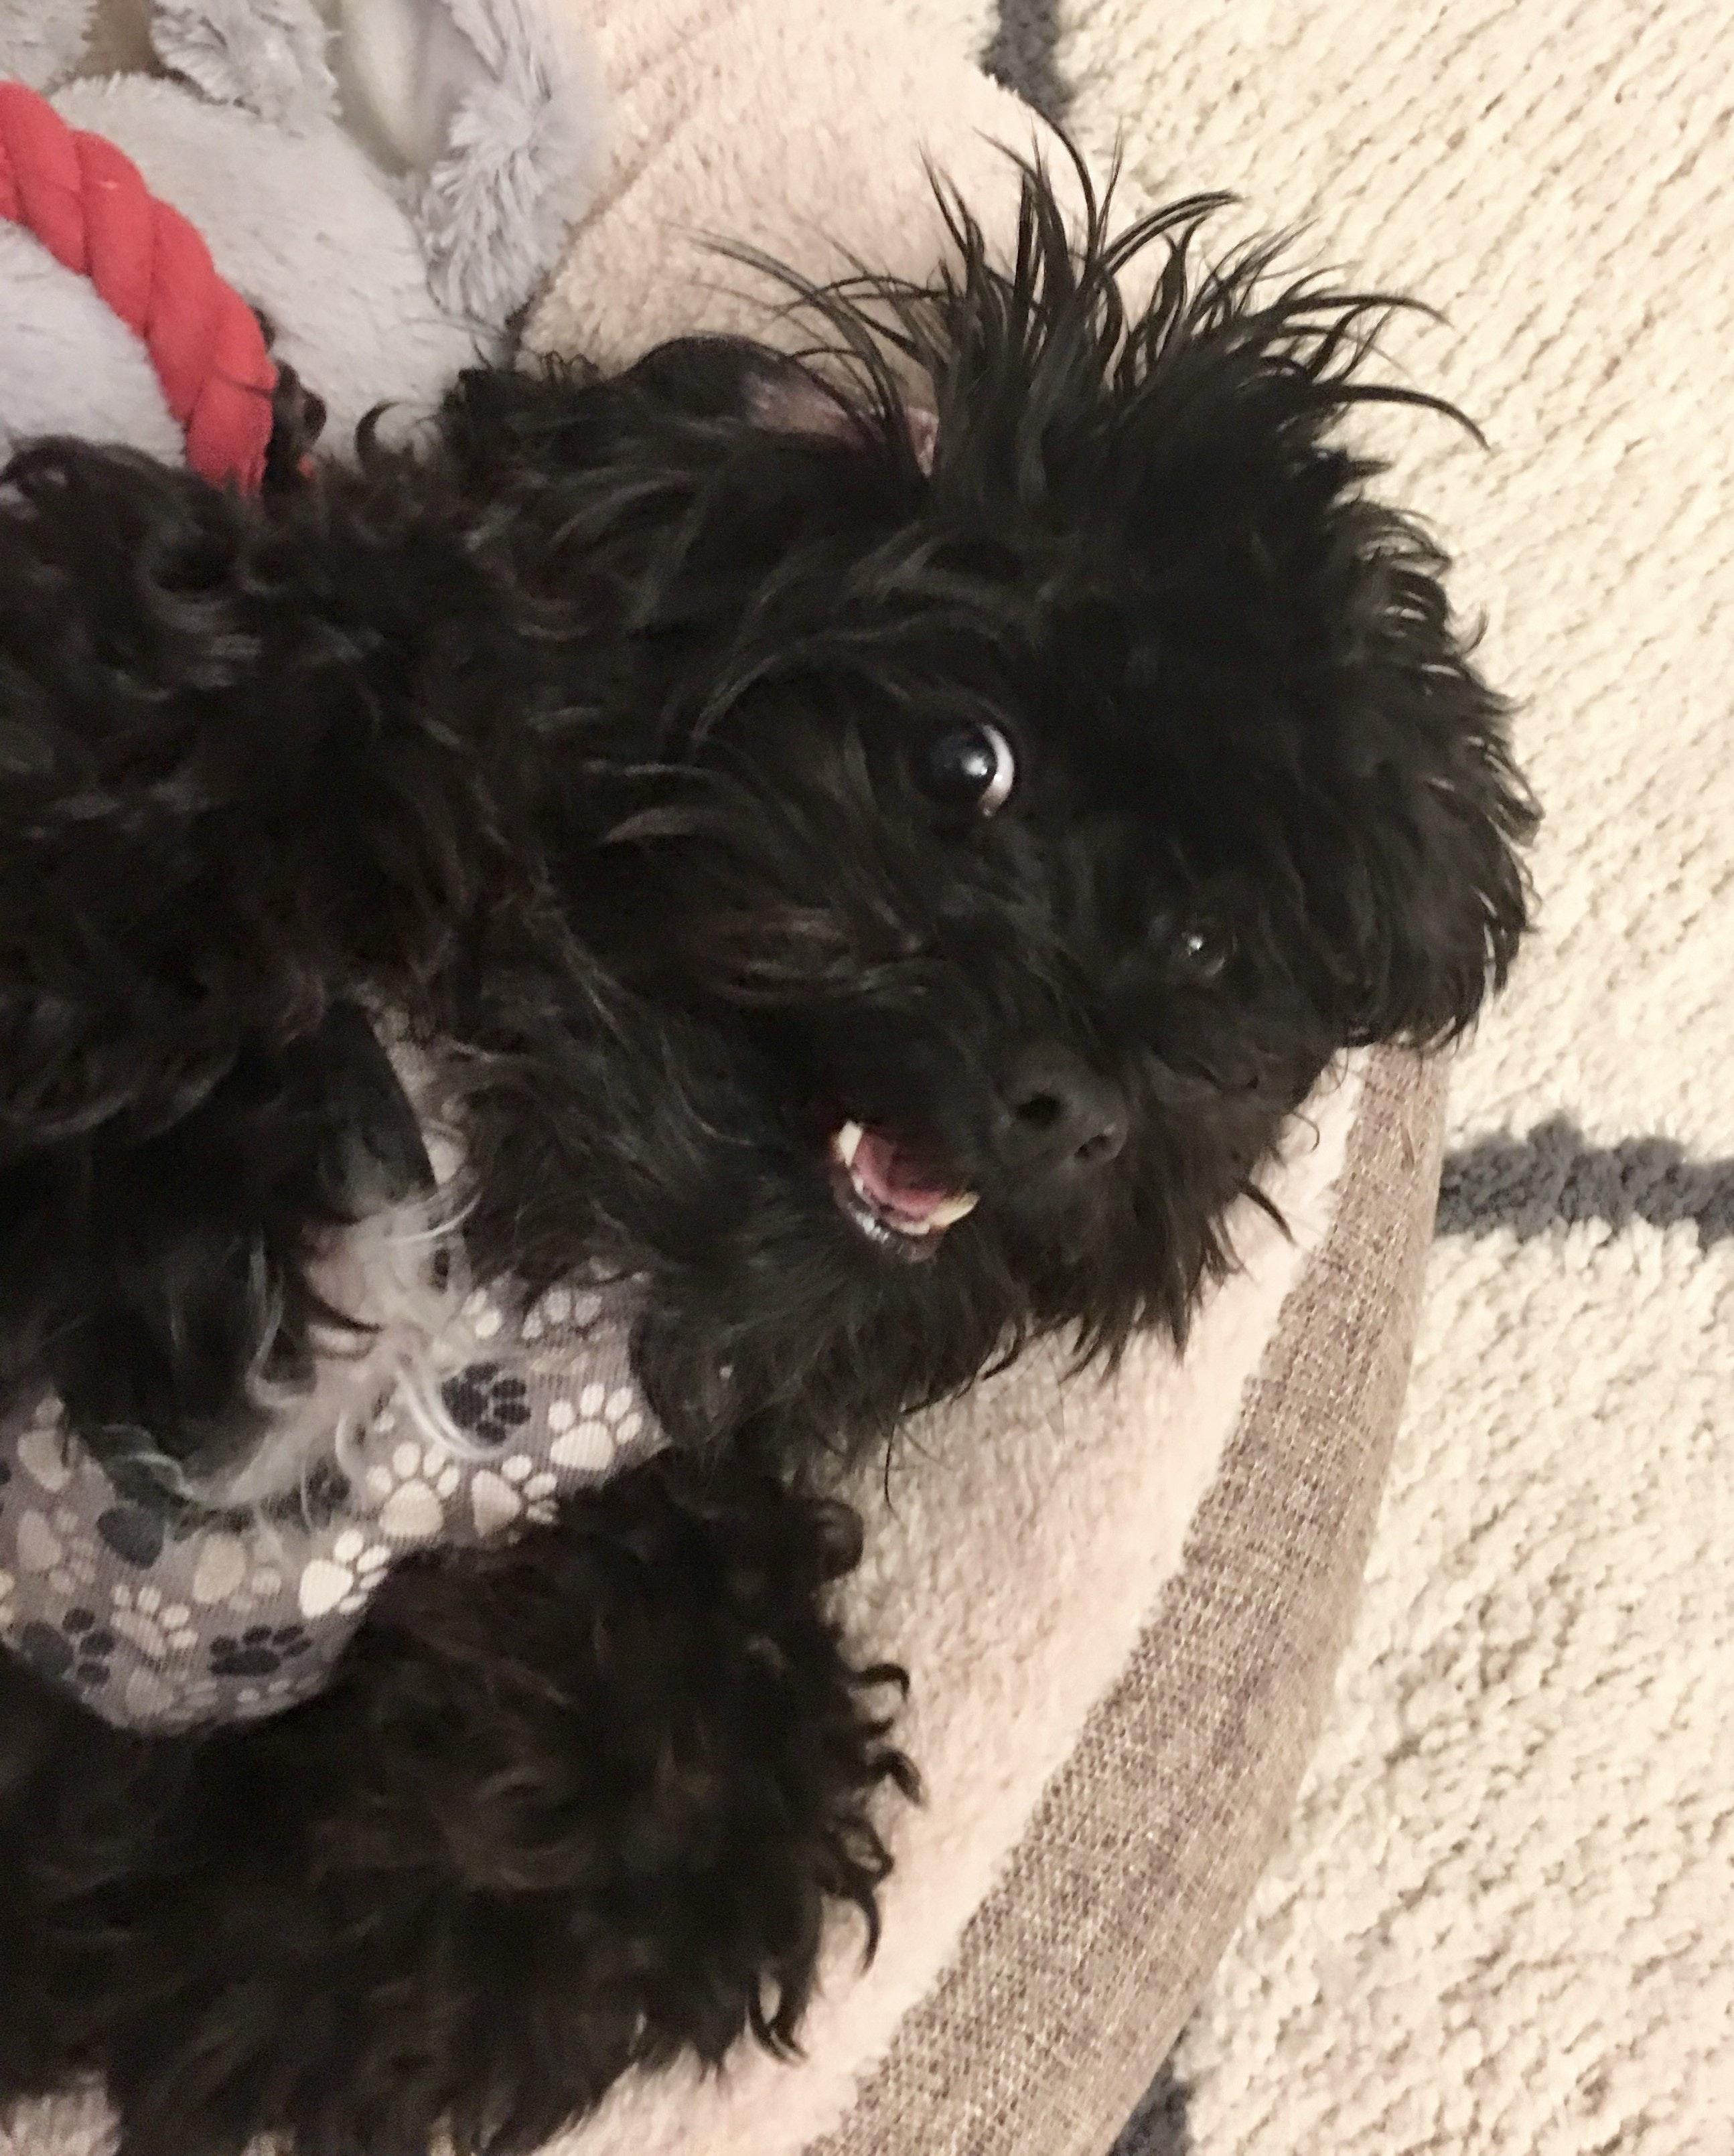 Free stock photo of black dog, Happy dog, laughing dog